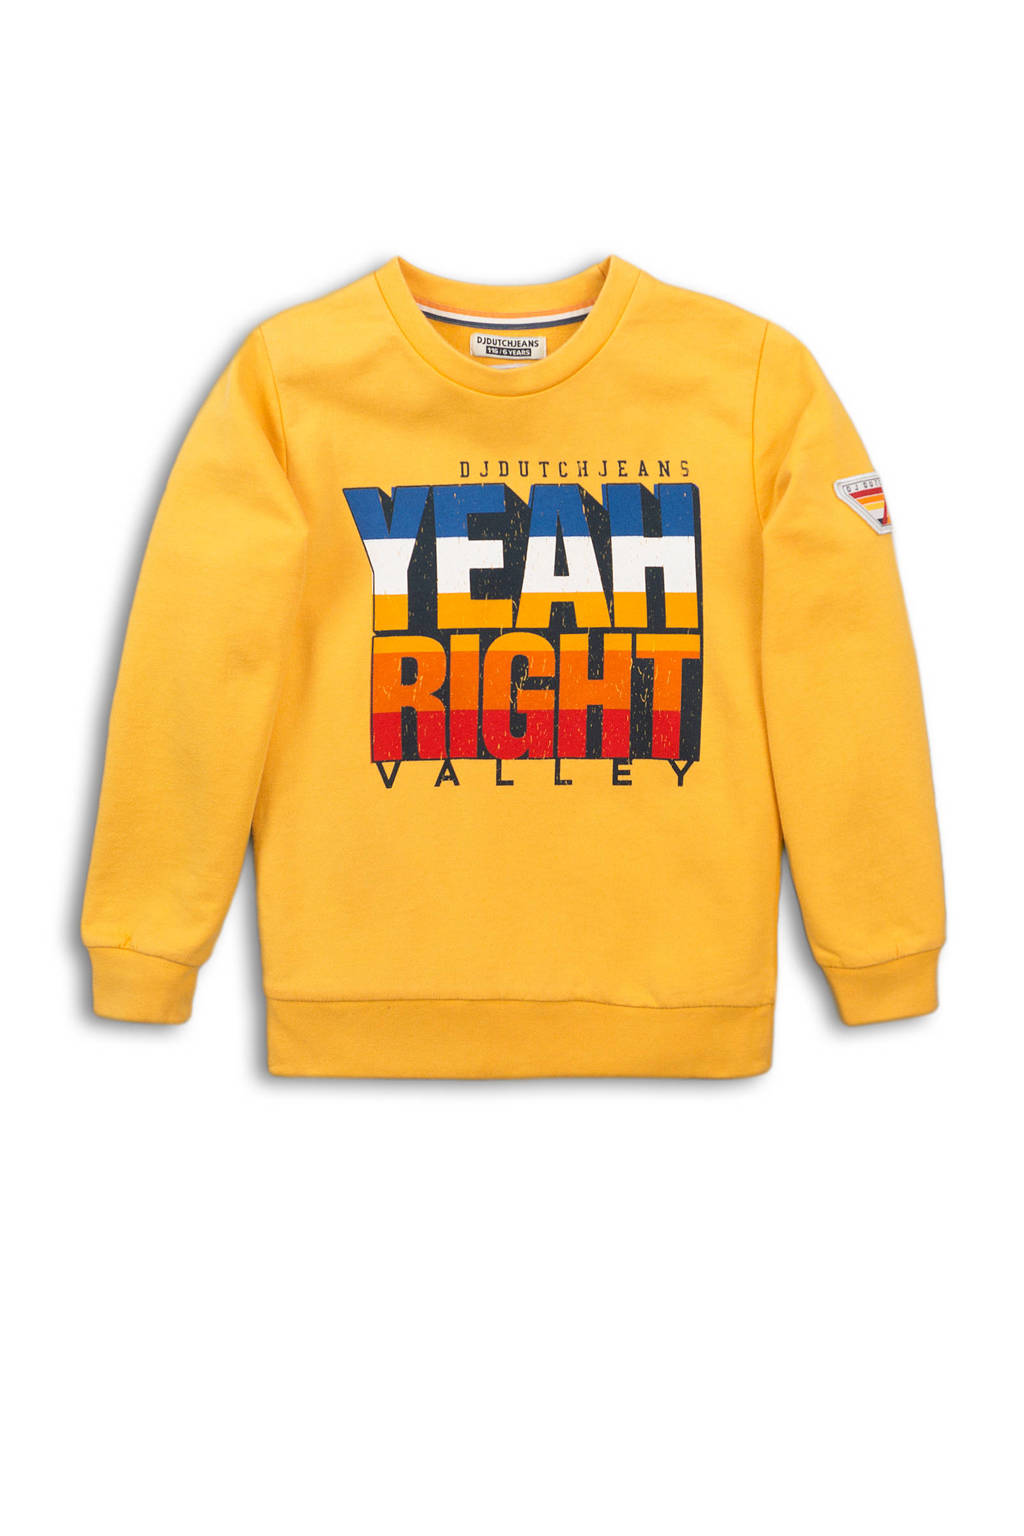 DJ Dutchjeans sweater met tekst geel/blauw/rood, Geel/blauw/rood